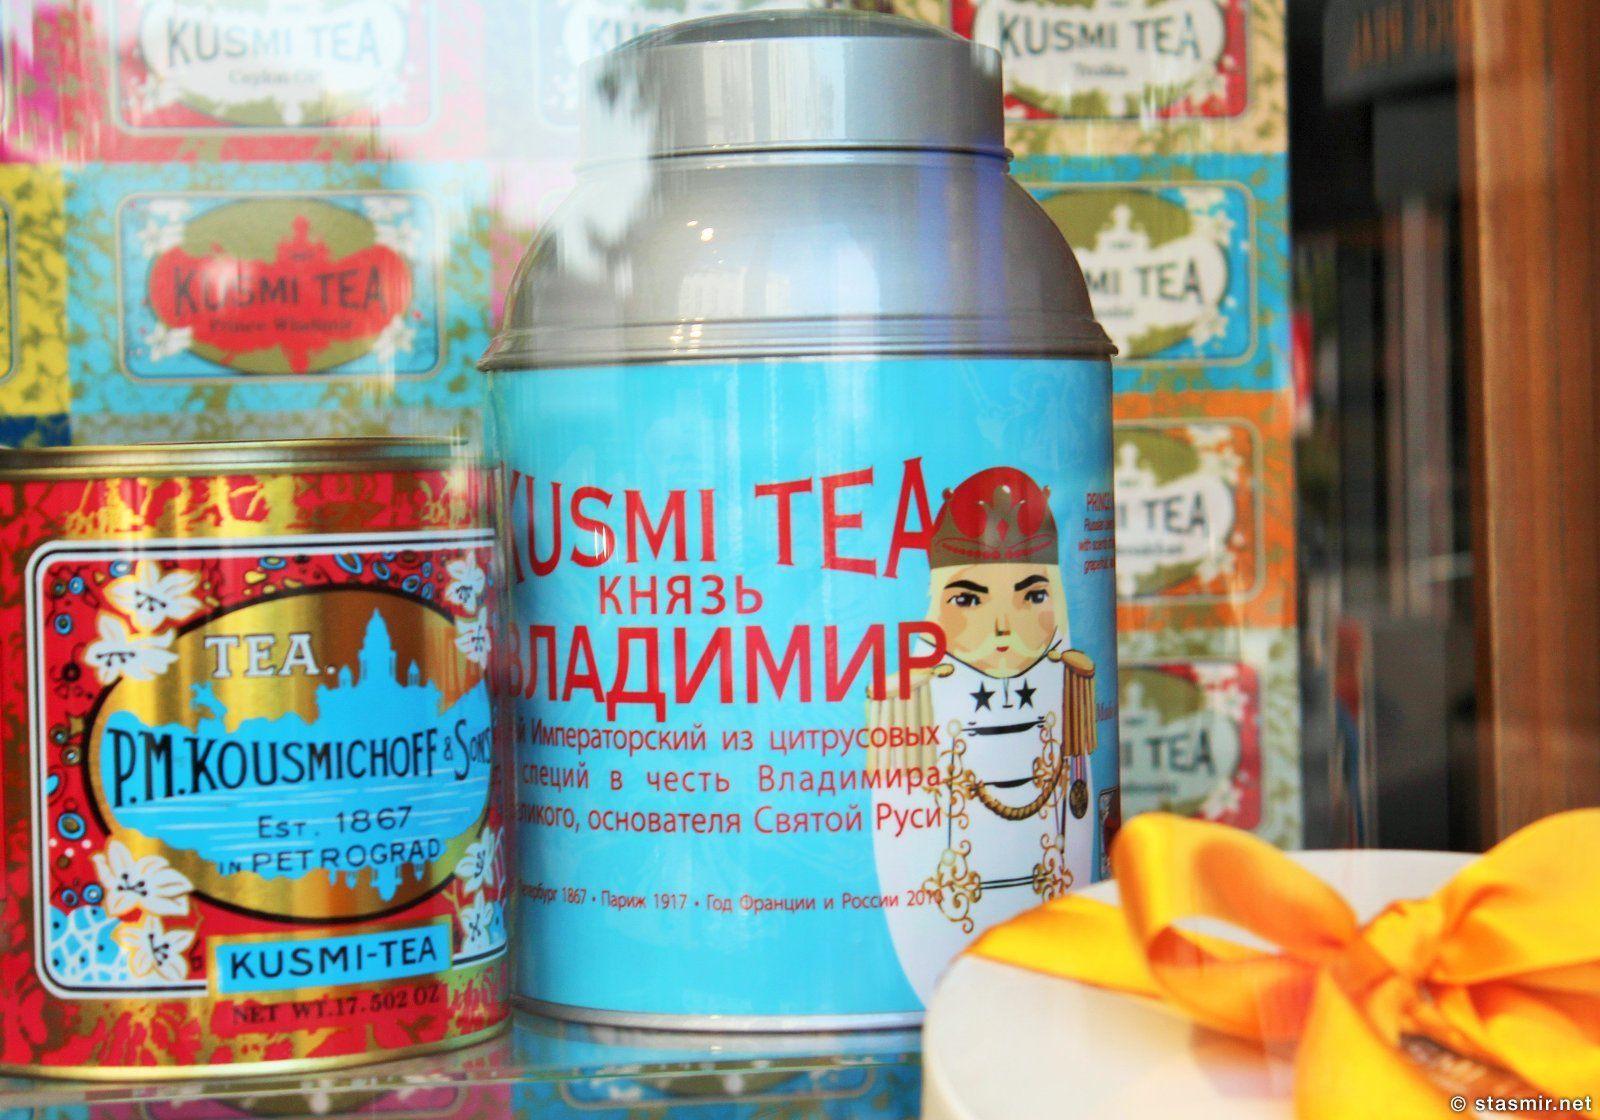 КузьмиЧай, Князь Владимир, чай Kuzmi, французский чай, скандинавский конунг, Photo Stasmir